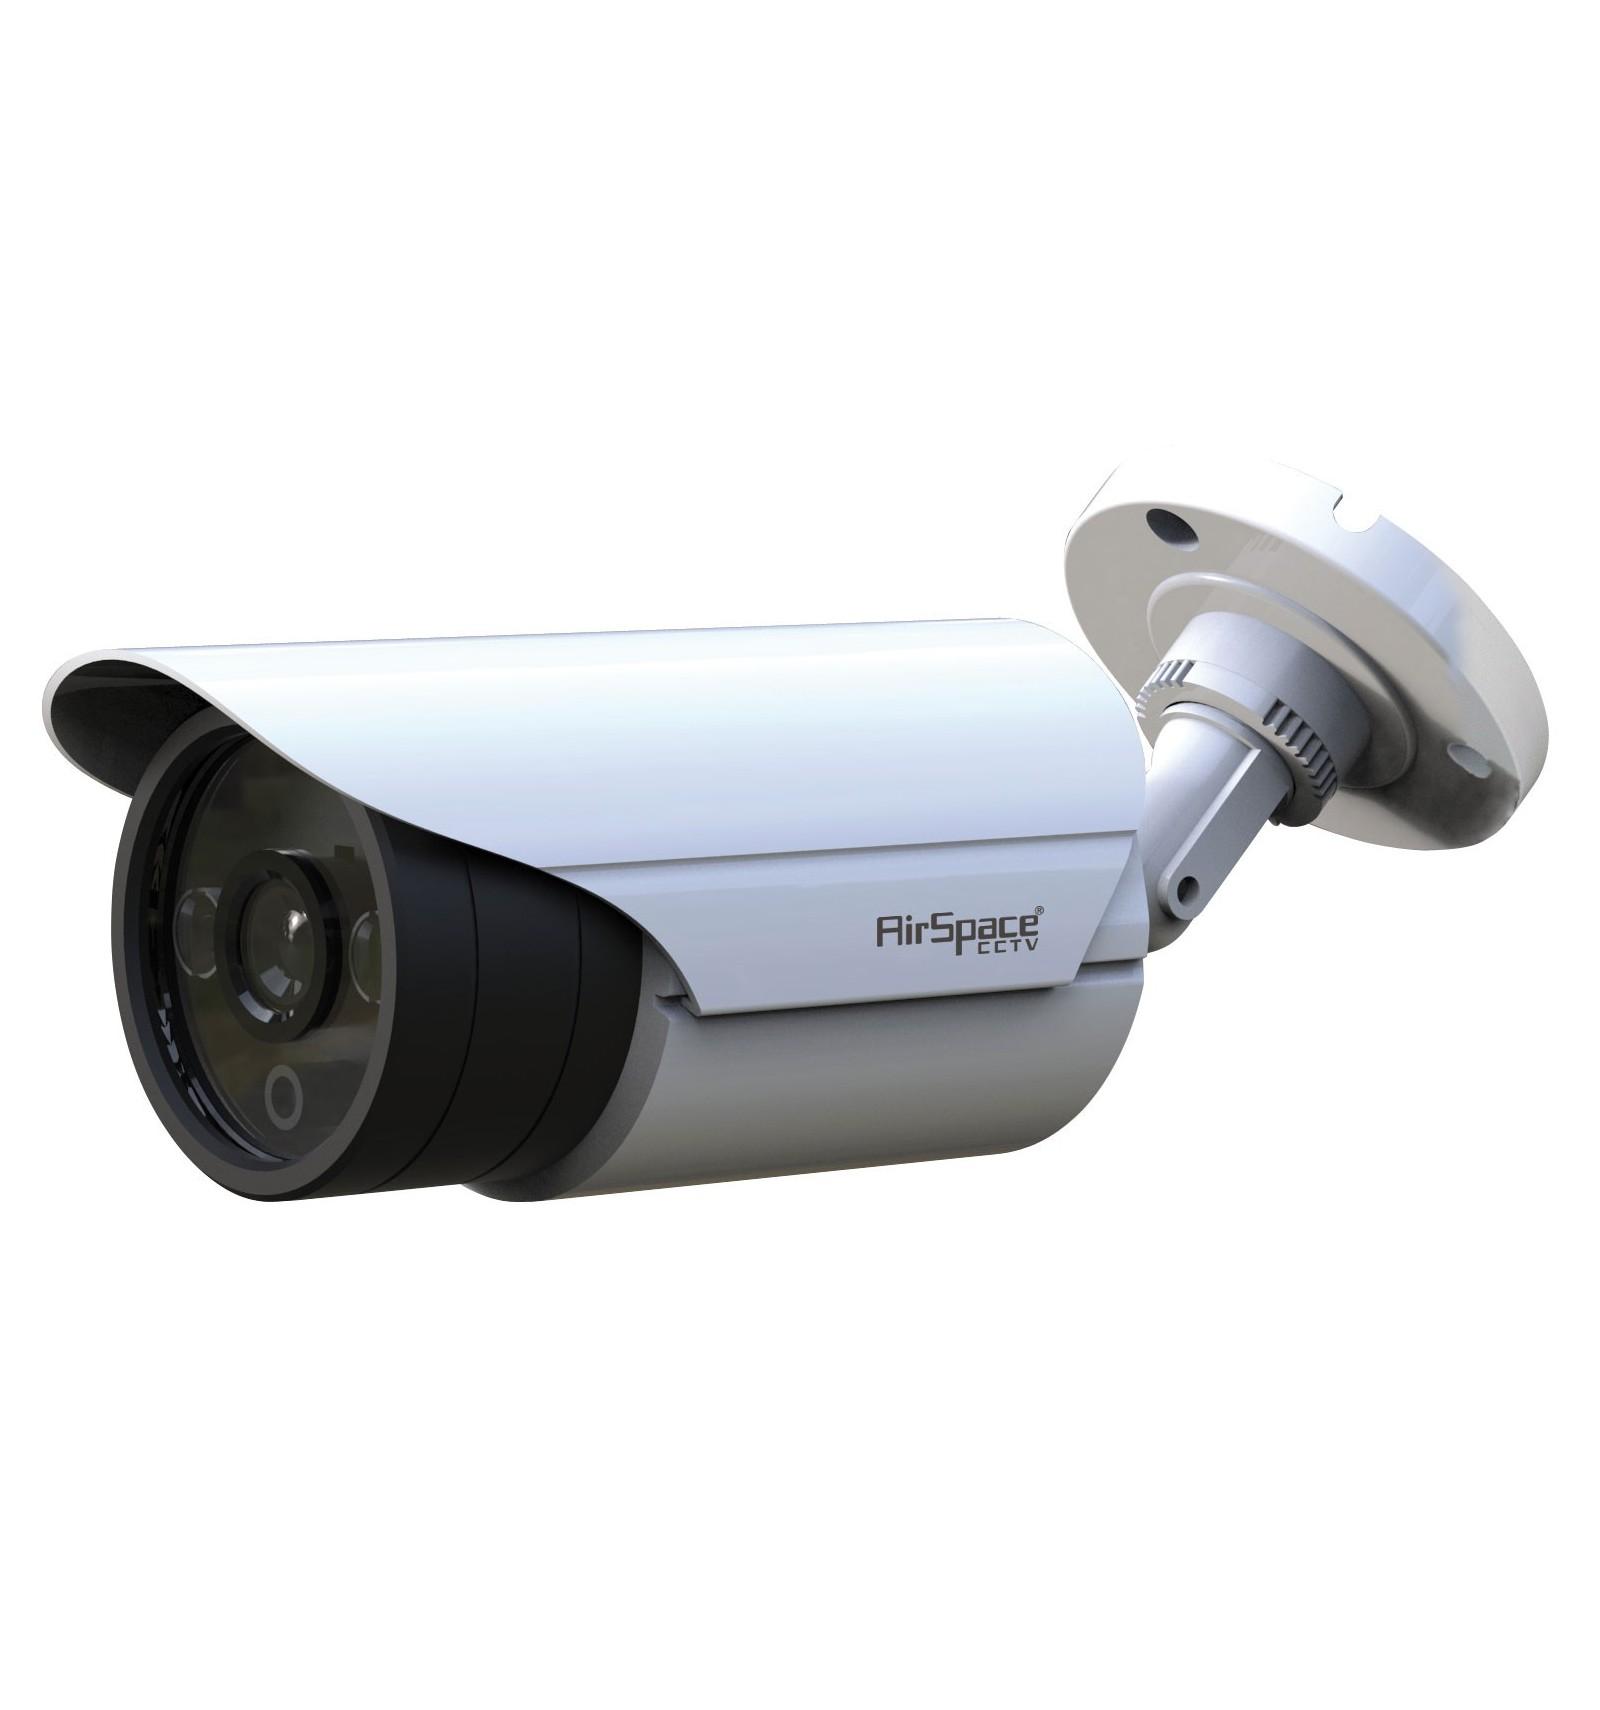 Camara de vigilancia para exterior con visi n nocturna for Camara vigilancia exterior